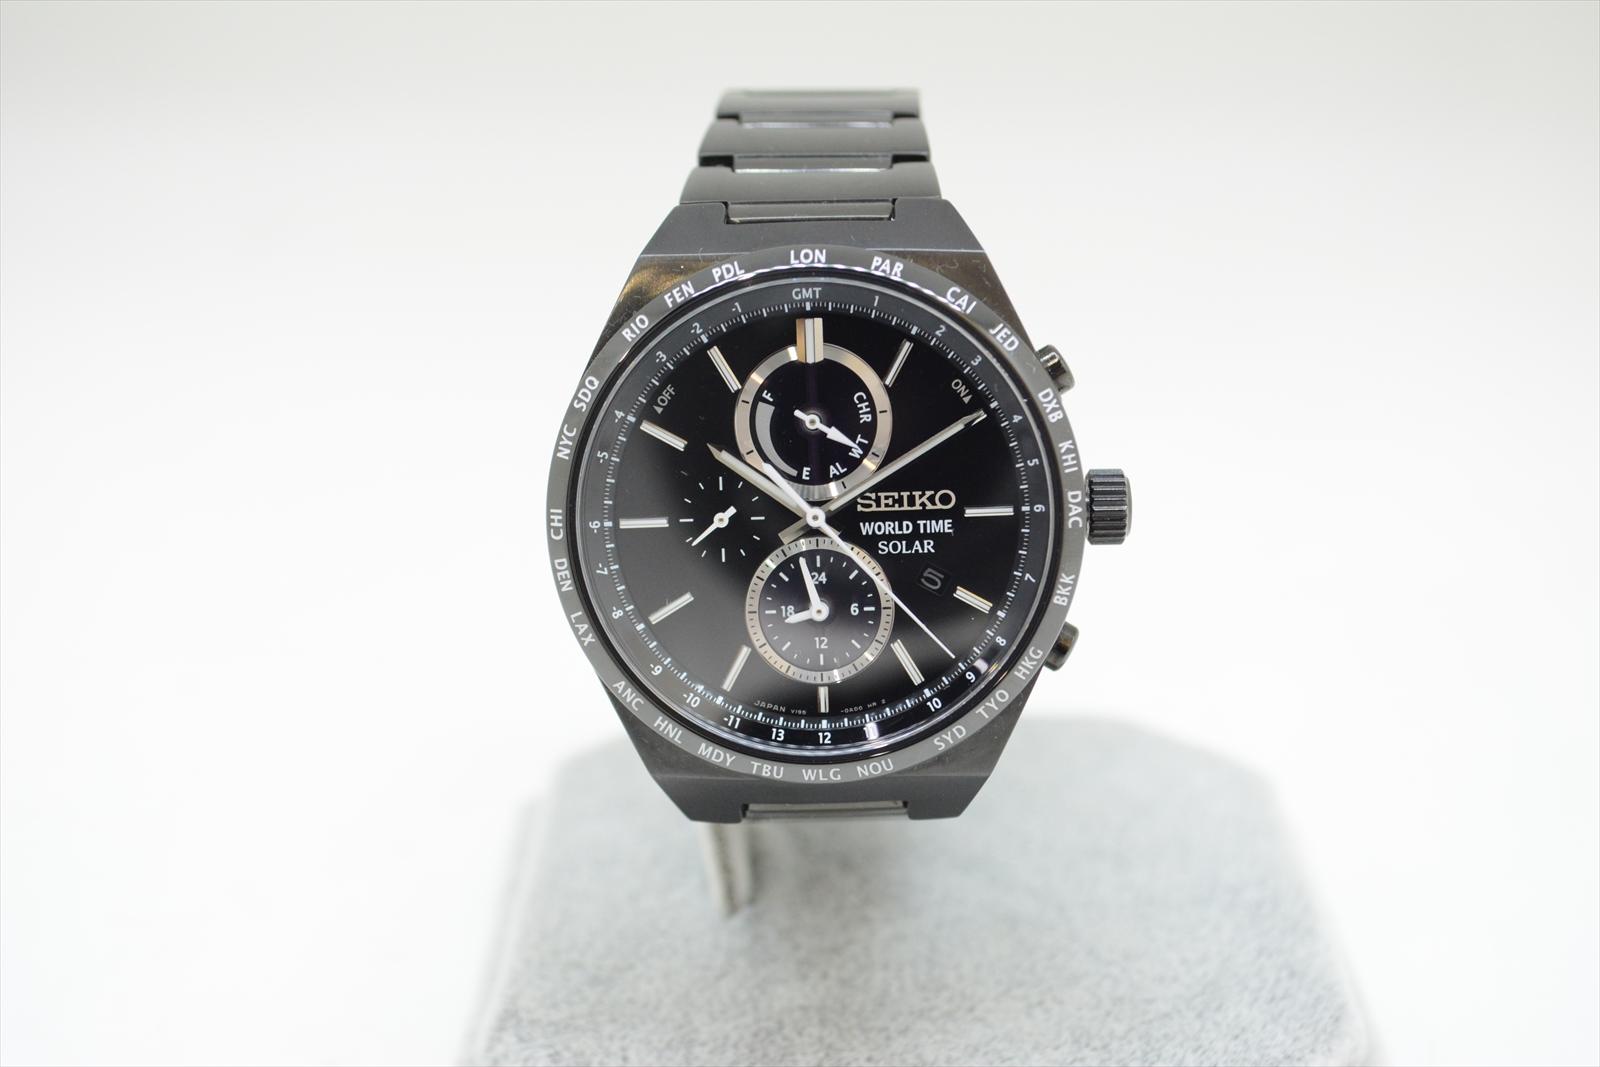 SEIKO セイコー SBPJ037 スピリット スマート ソーラー クロノグラフ ブラック 腕時計 メンズ 【中古】 中洲店 N19-233